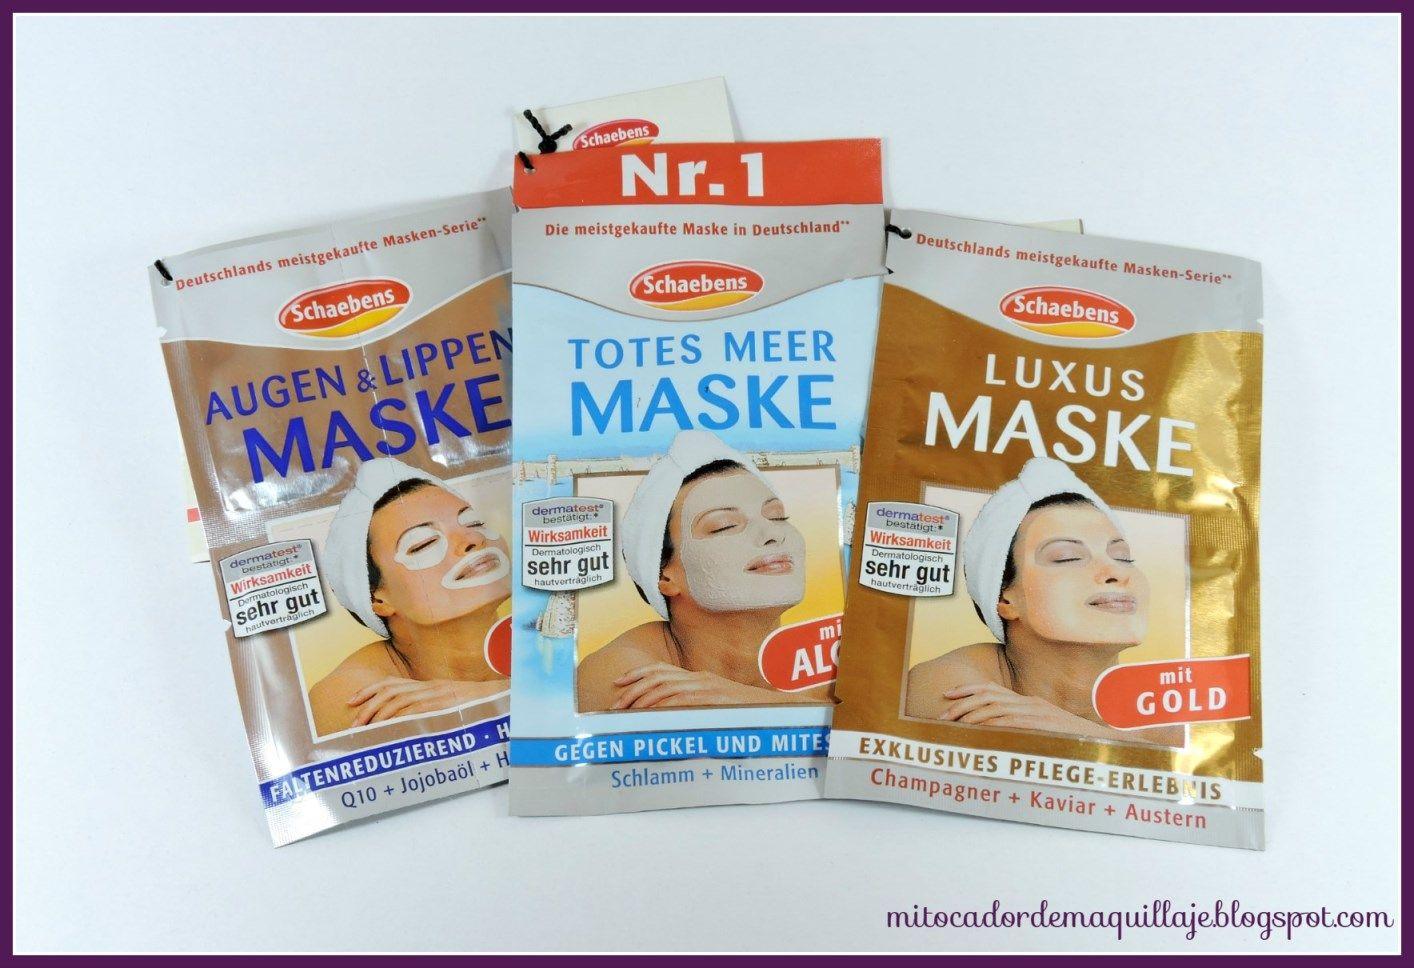 Mi tocador de maquillaje Compras acumuladas - Febrero, Marzo y Abril  http://mitocadordemaquillaje.blogspot.com/2015/05/compras-acumuladas-feb-mar-abr.html